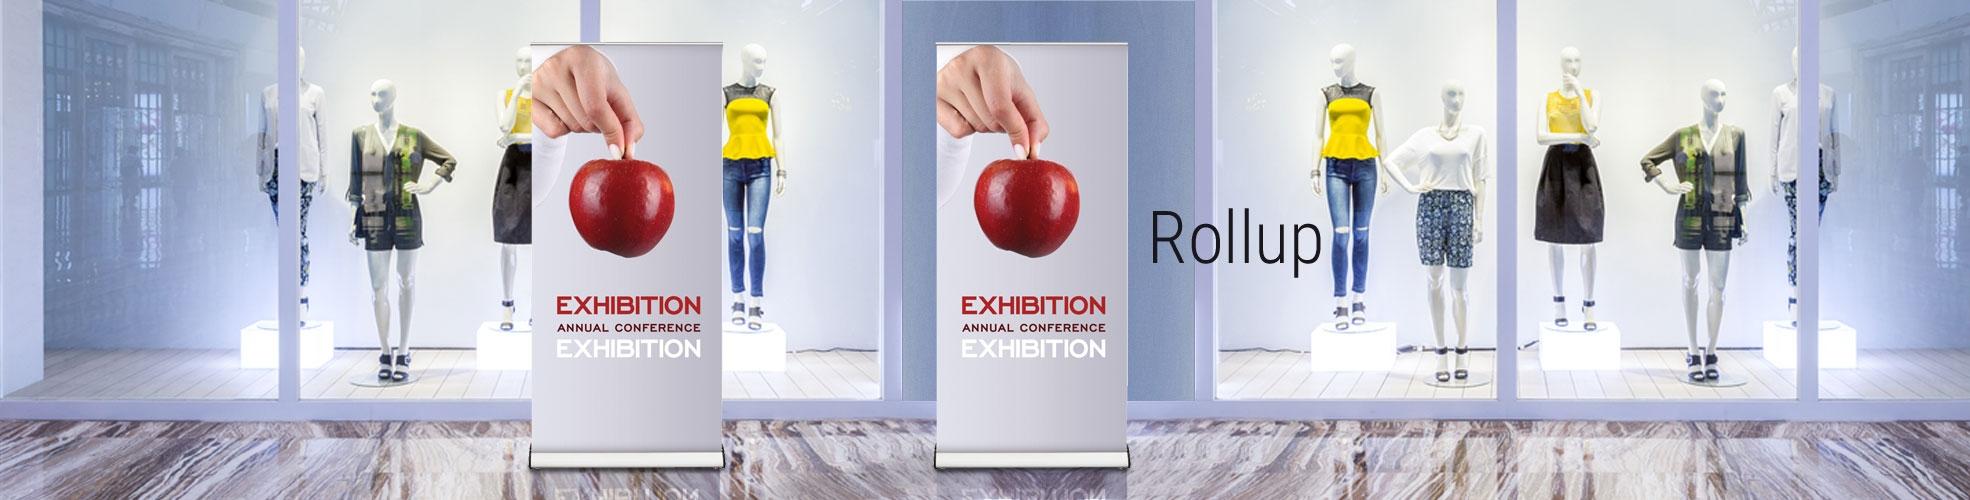 Espositori pubblicitari rollup banner stand, prezzi economici 80x200